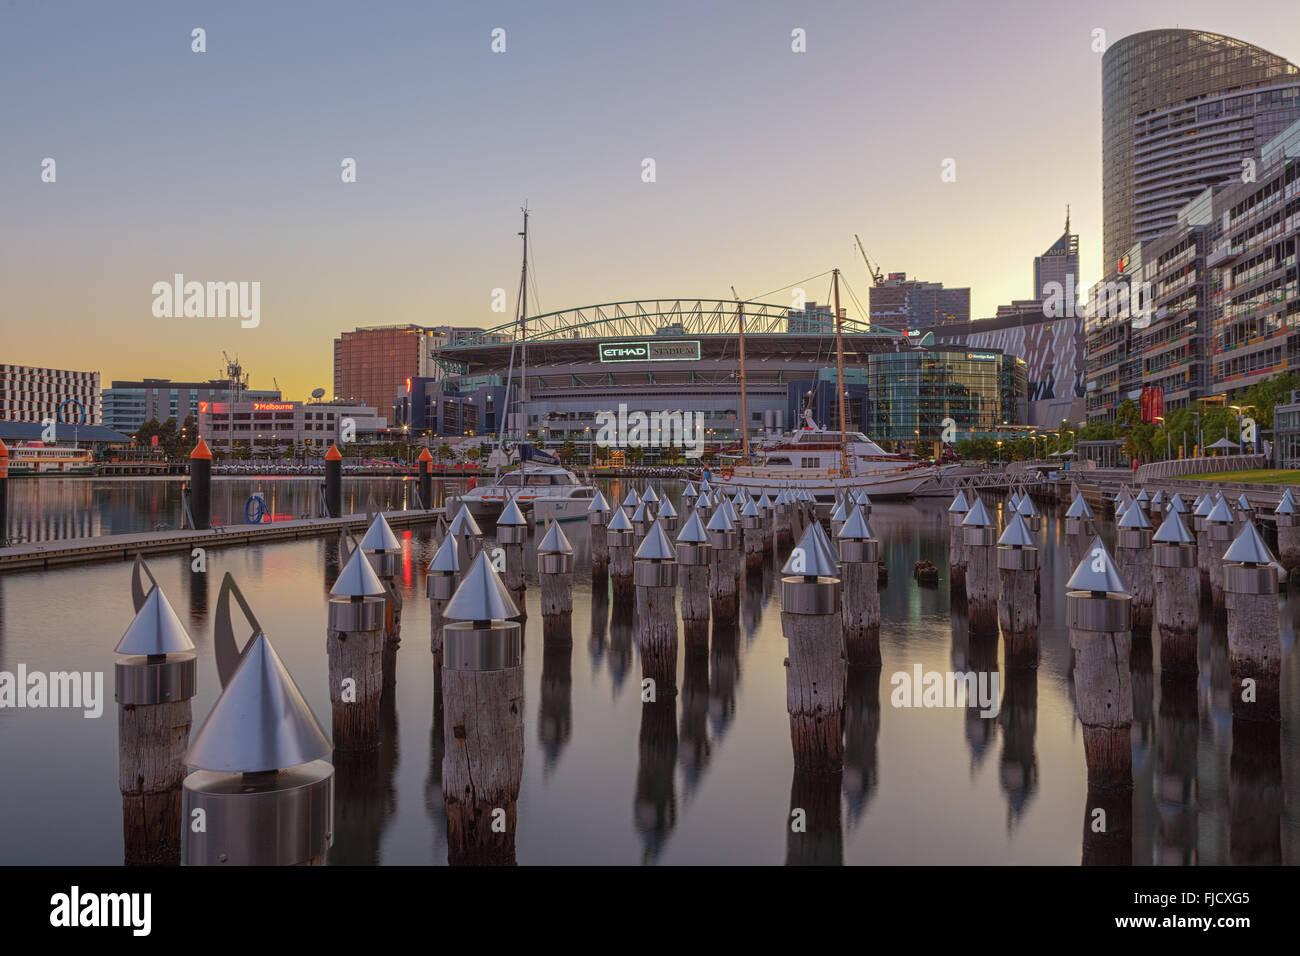 Melbourne, Australia - 21 de febrero de 2016: el estadio Etihad Stadium vistos desde Docklands costanera con yates Imagen De Stock